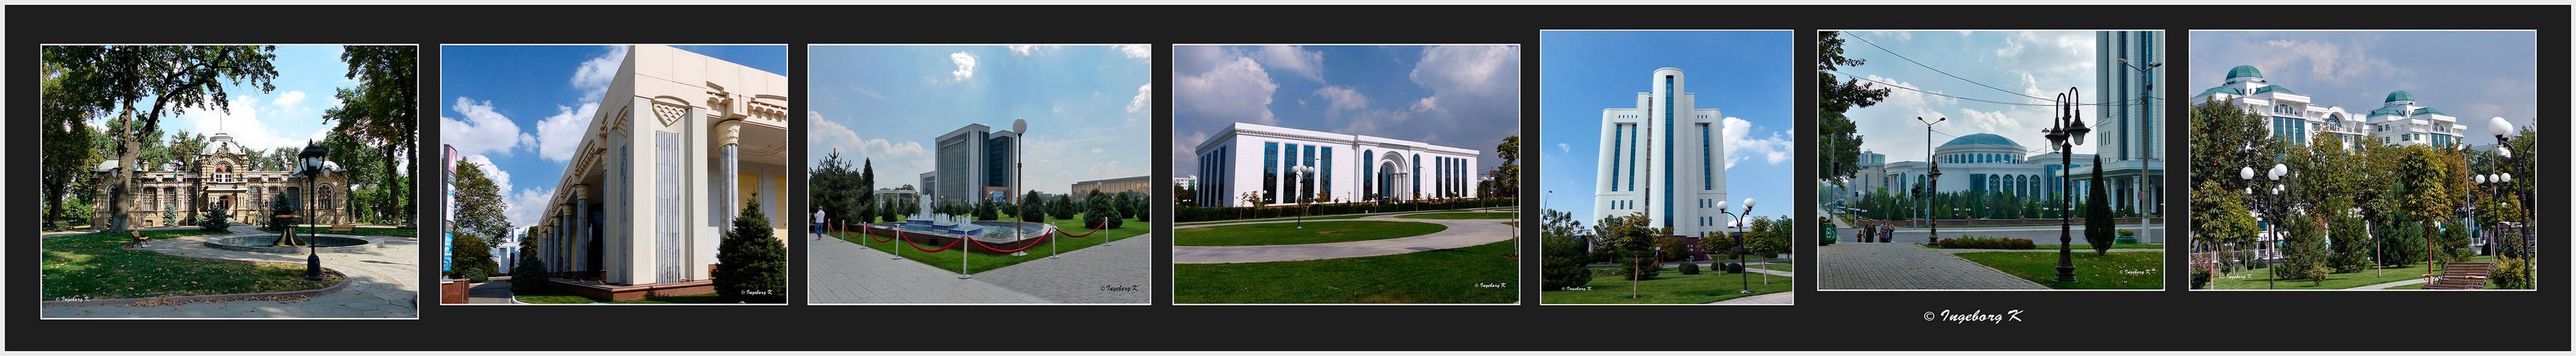 Taschkent - Bummel durch die moderne Stadt